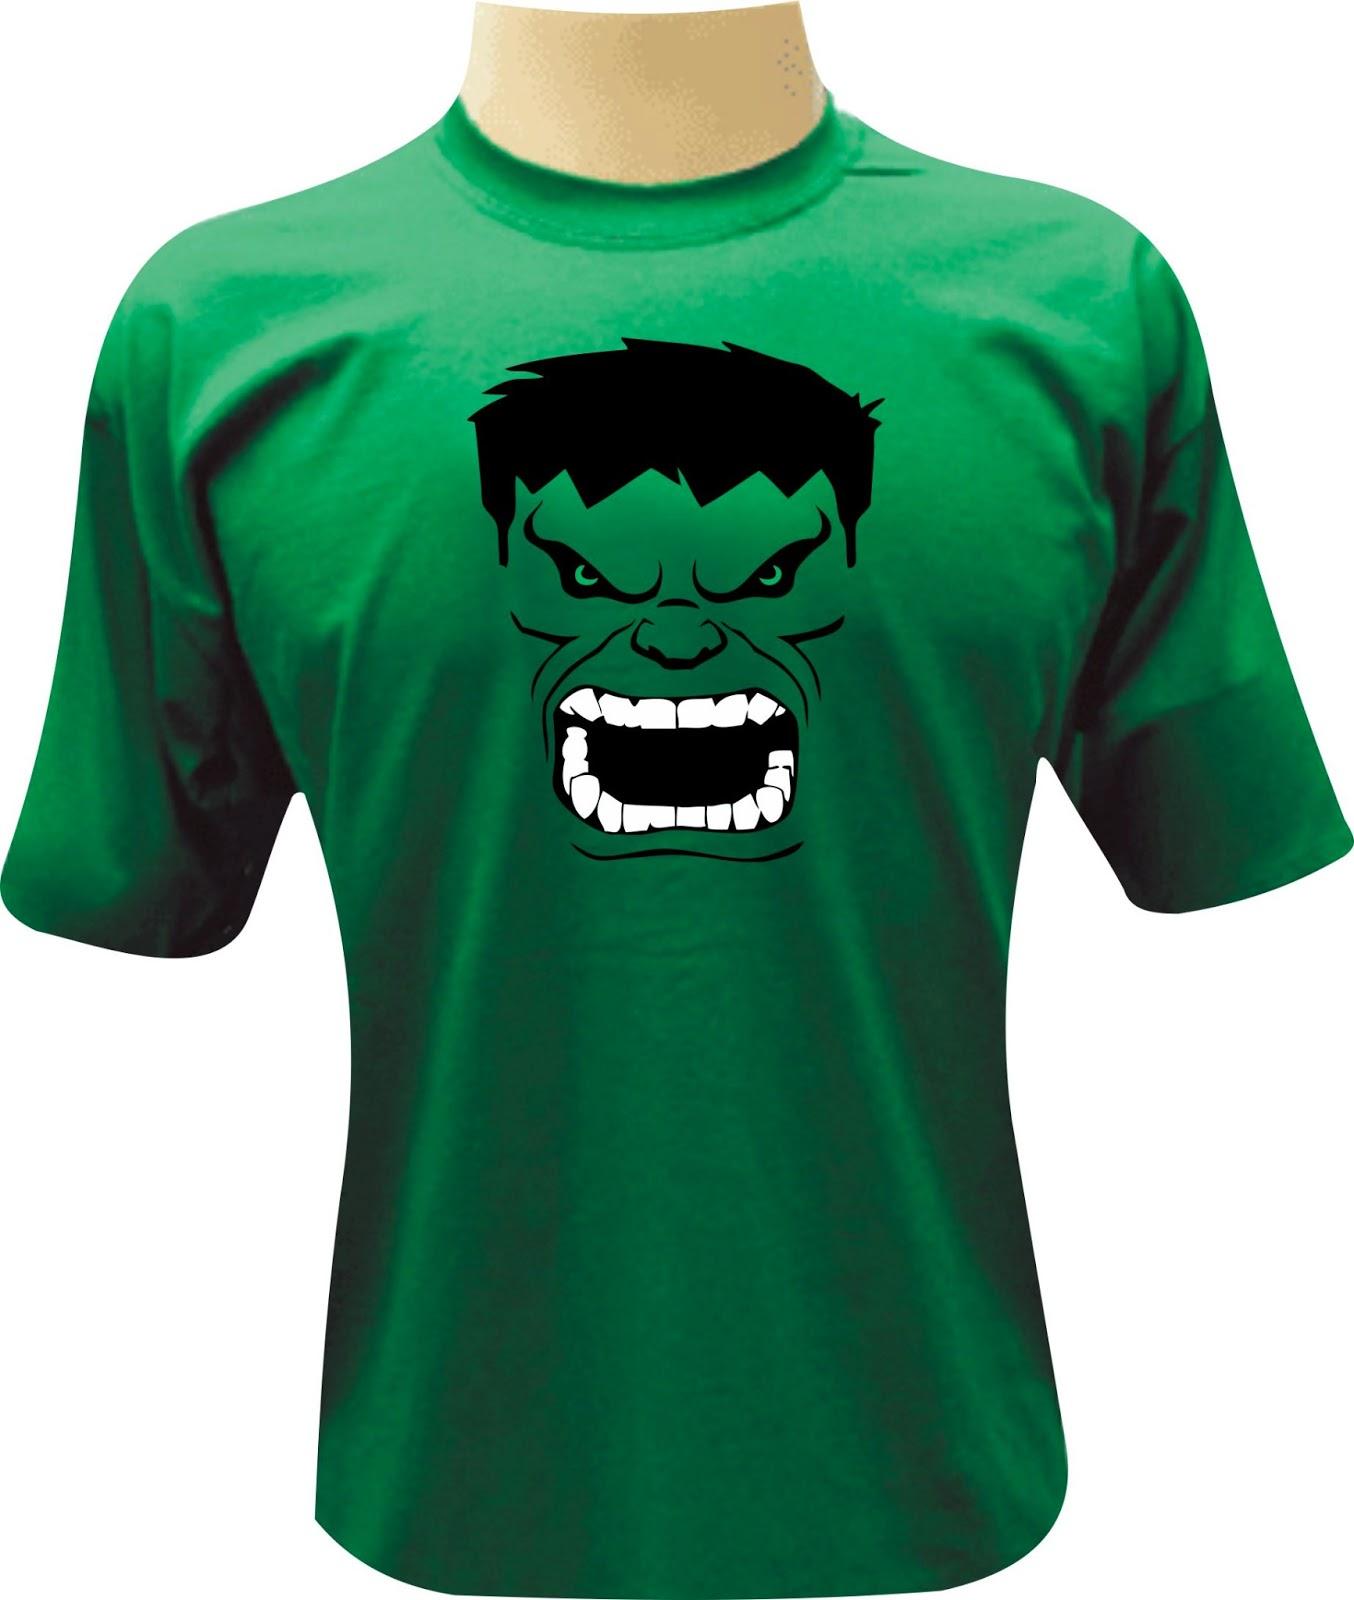 Camisetas super her 243 is s 233 rie especial m 225 ximo camisetas